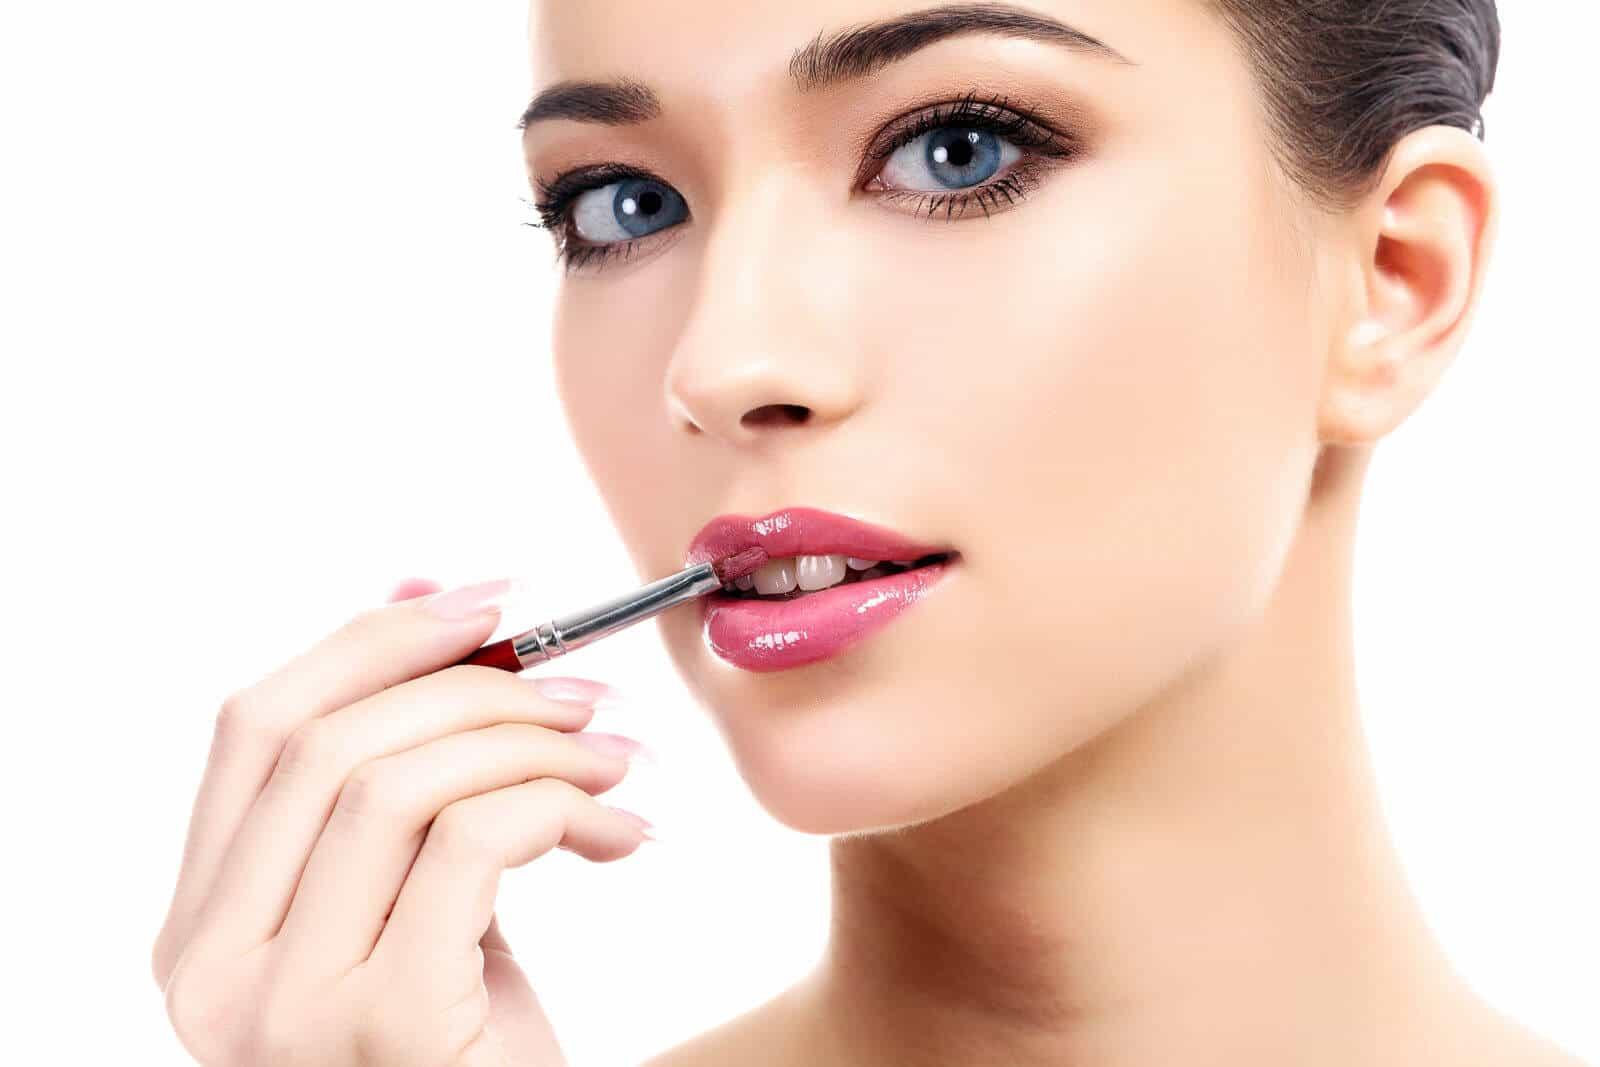 Crossdressing Makeup - The Basics – Crossdresser Heaven